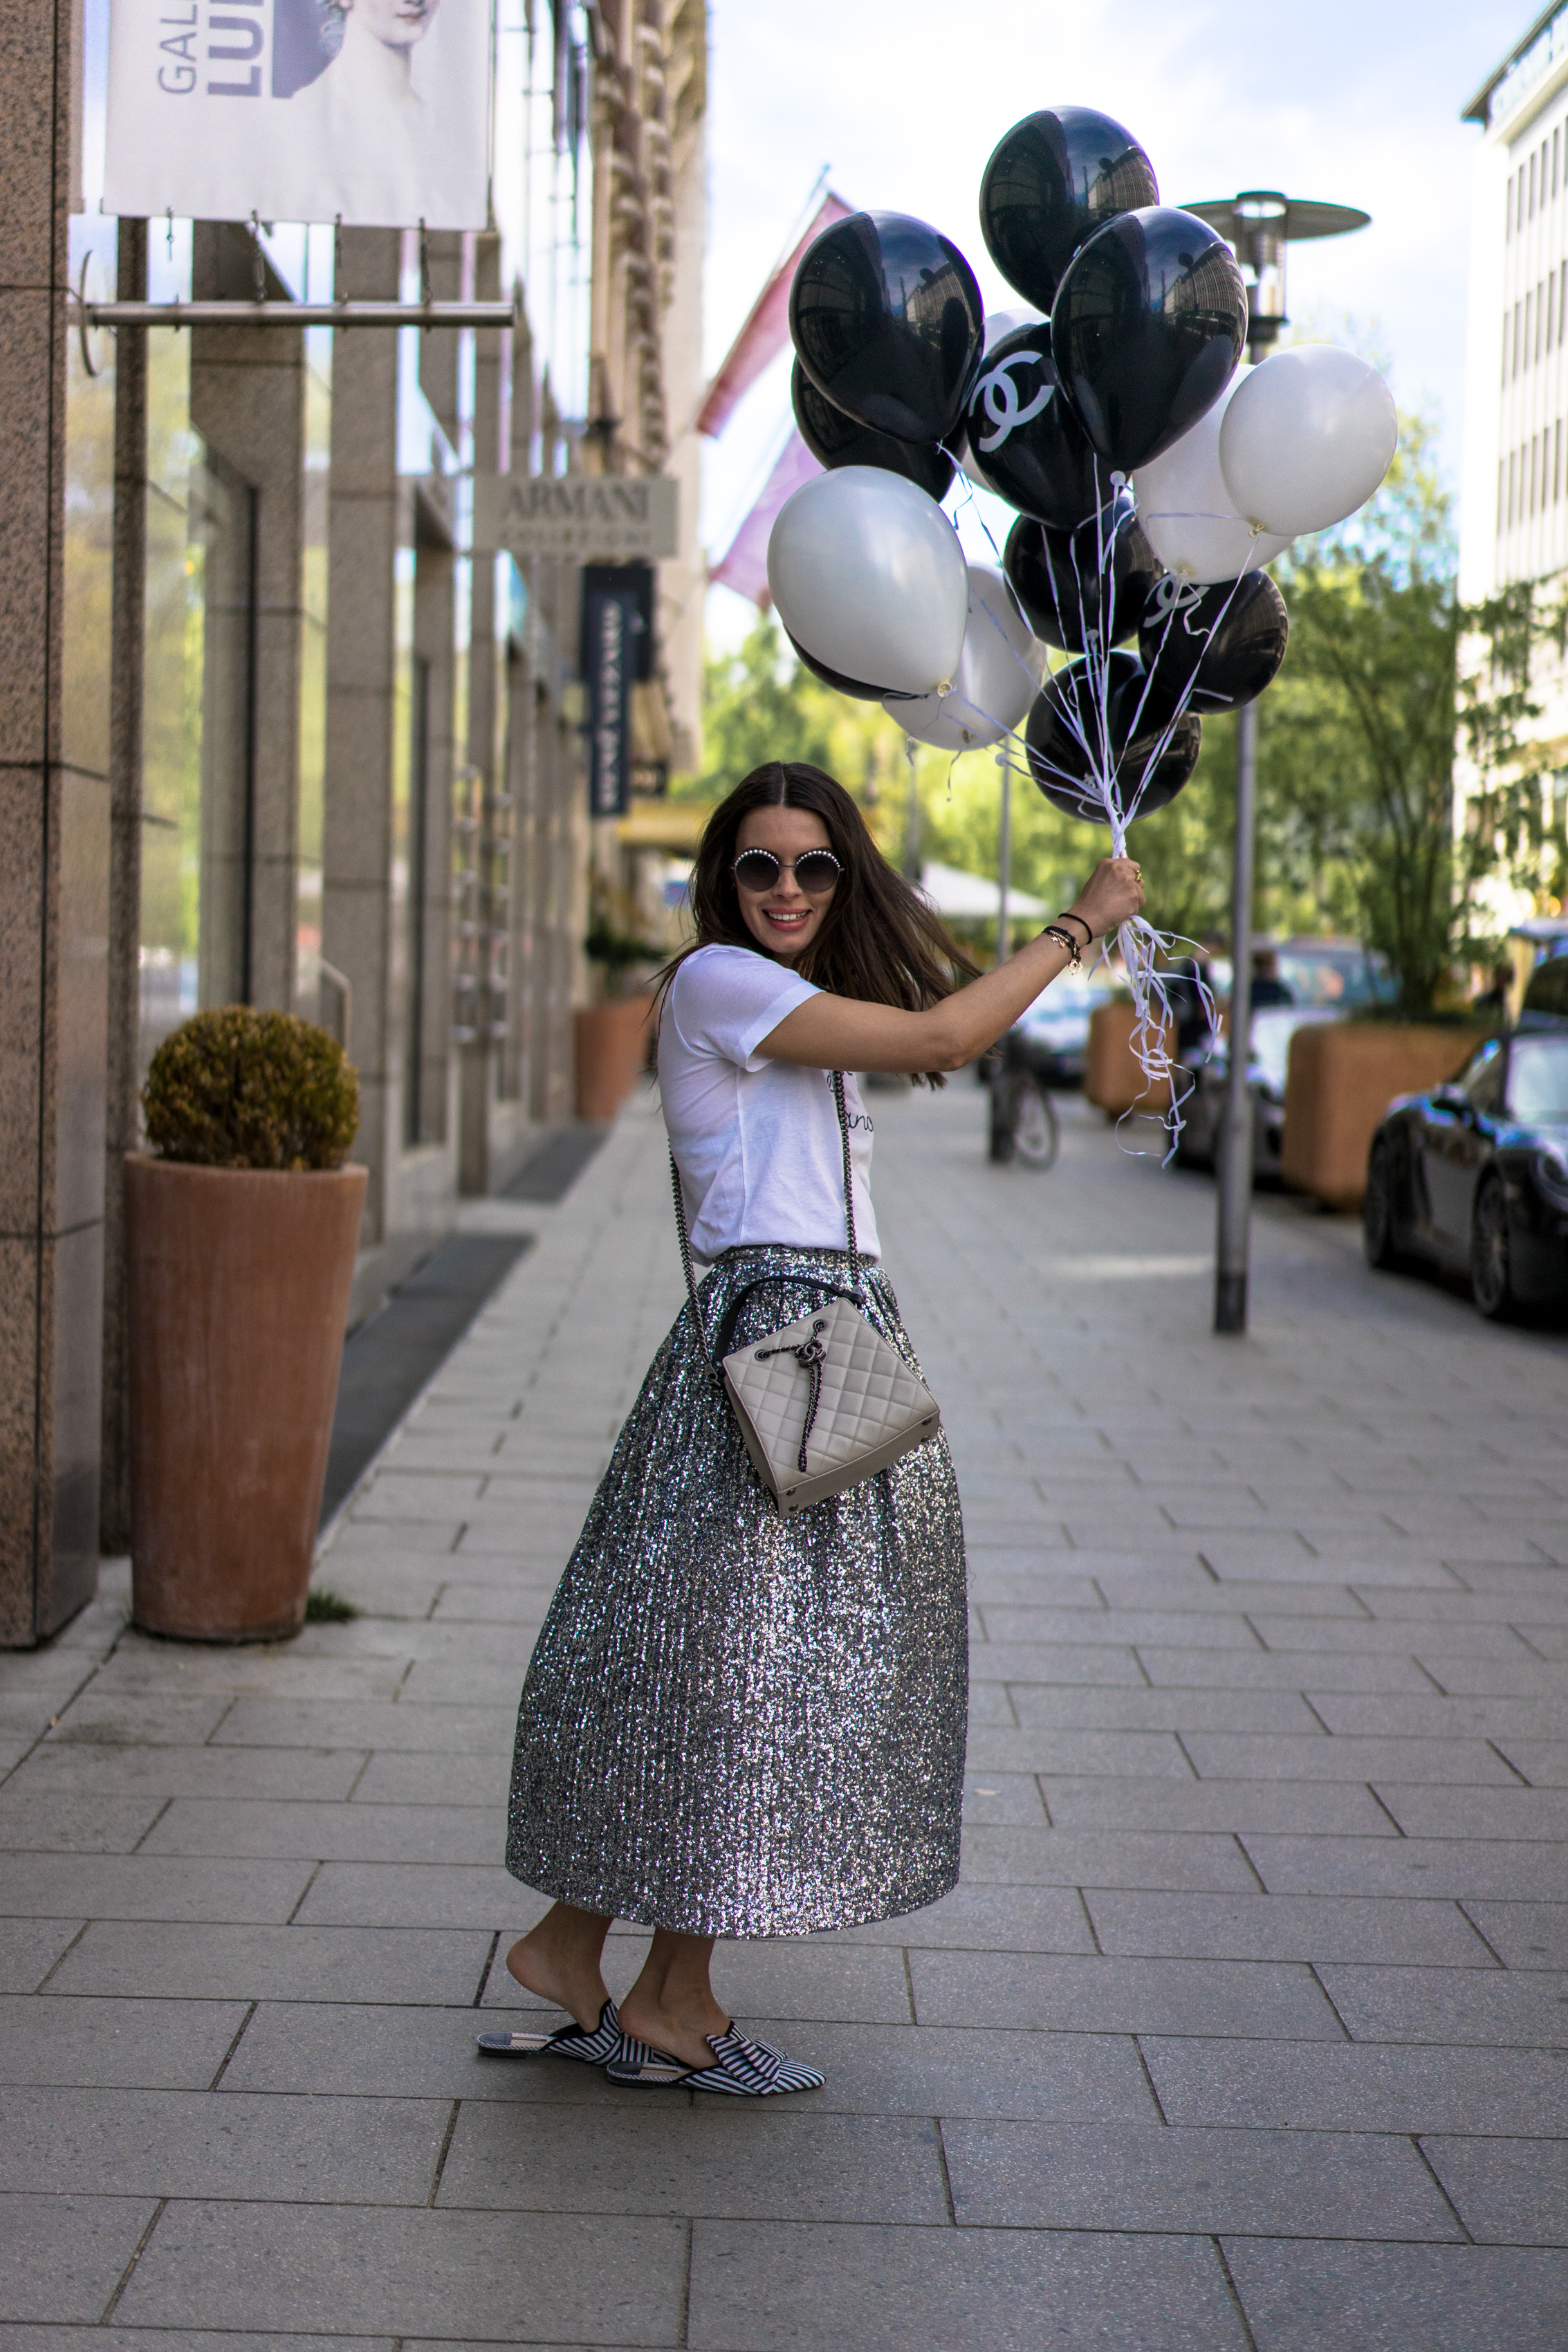 luxussachen-com-06147